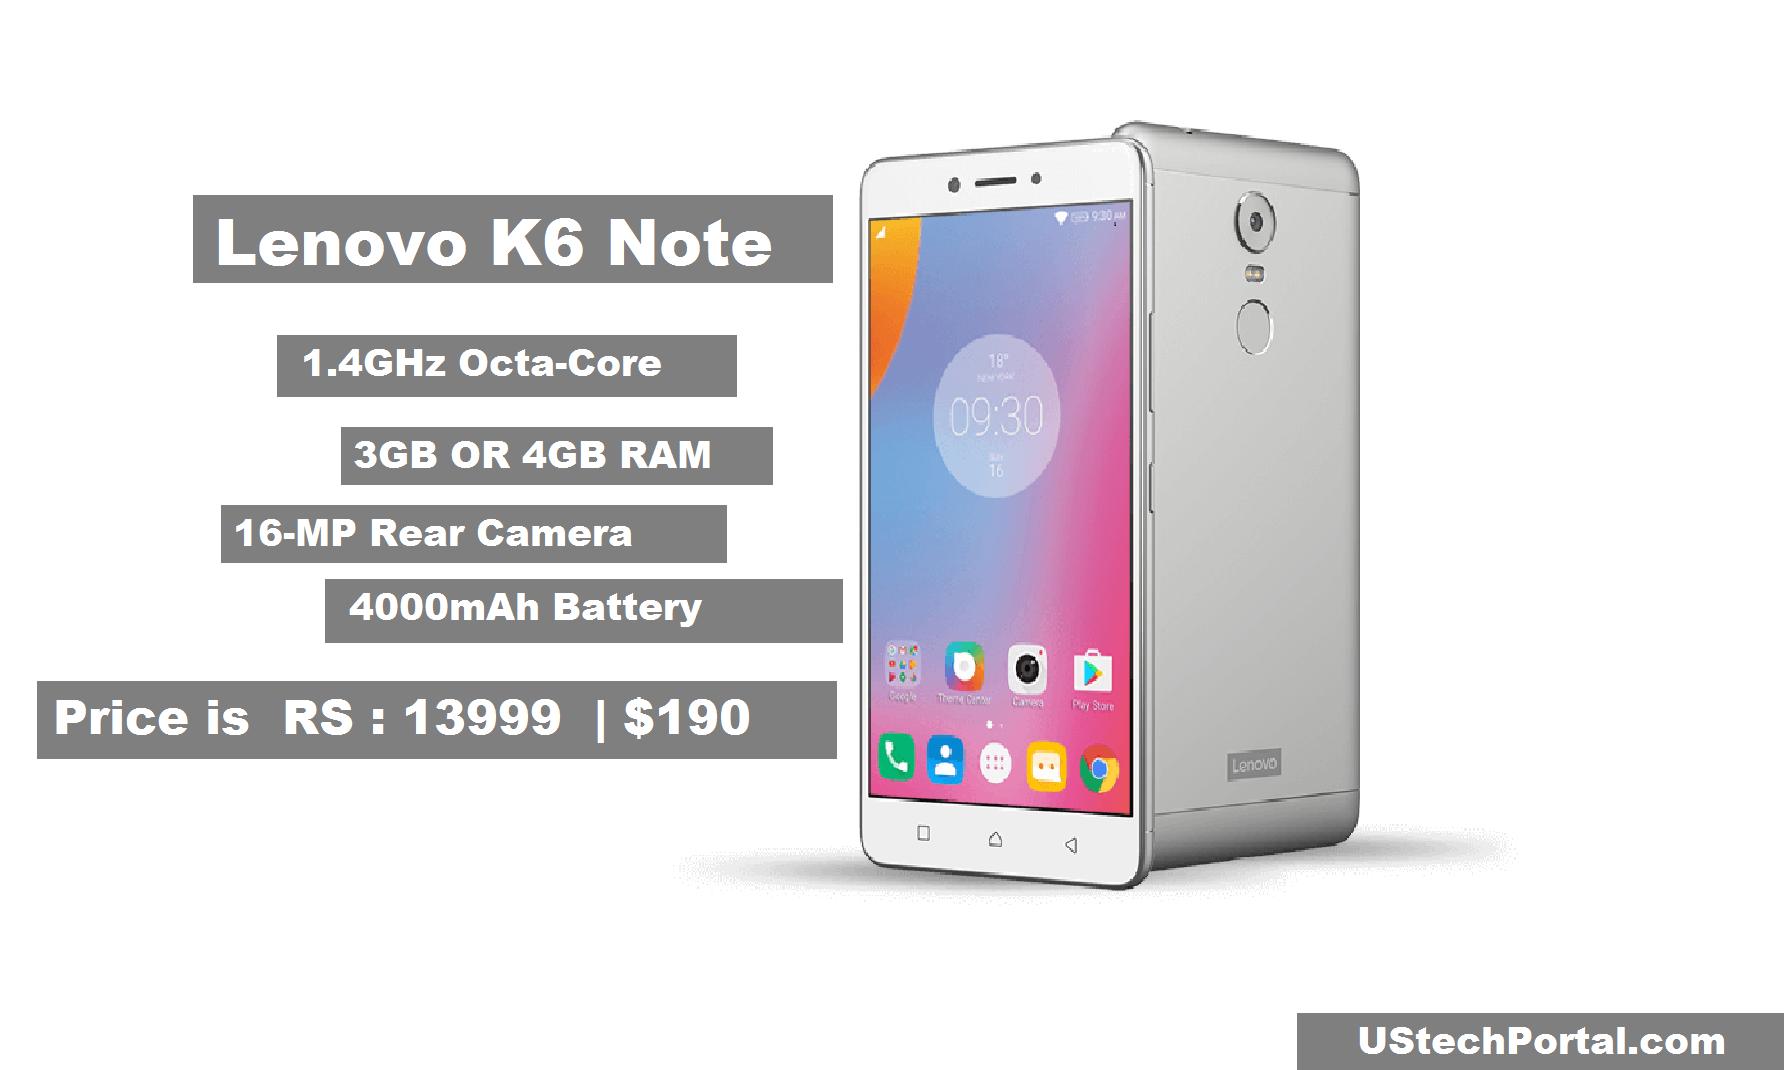 Lenovo K6 Note revew